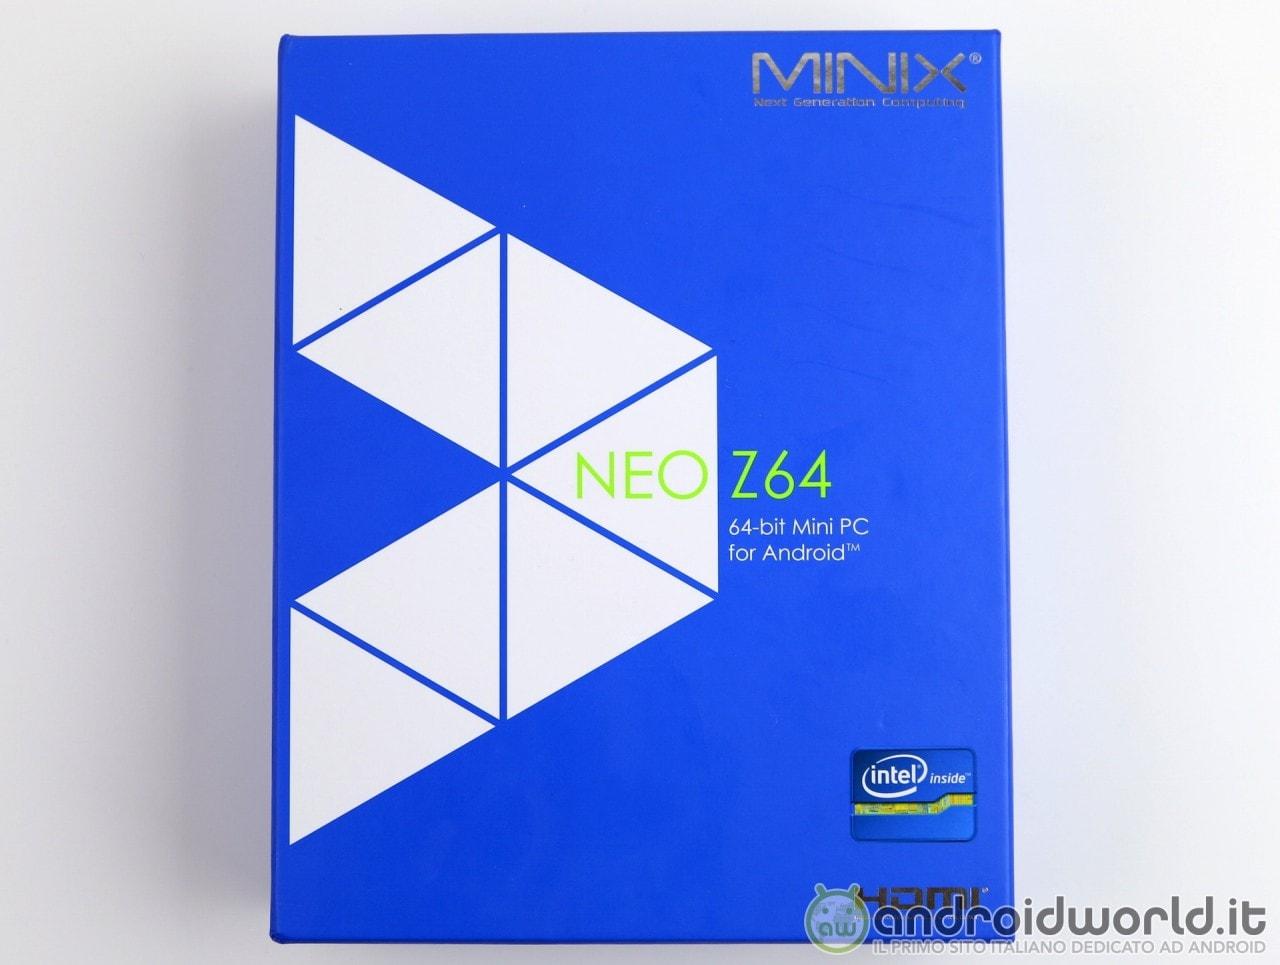 Come installare Windows sul Minix Neo Z64 con Android, e viceversa (video)